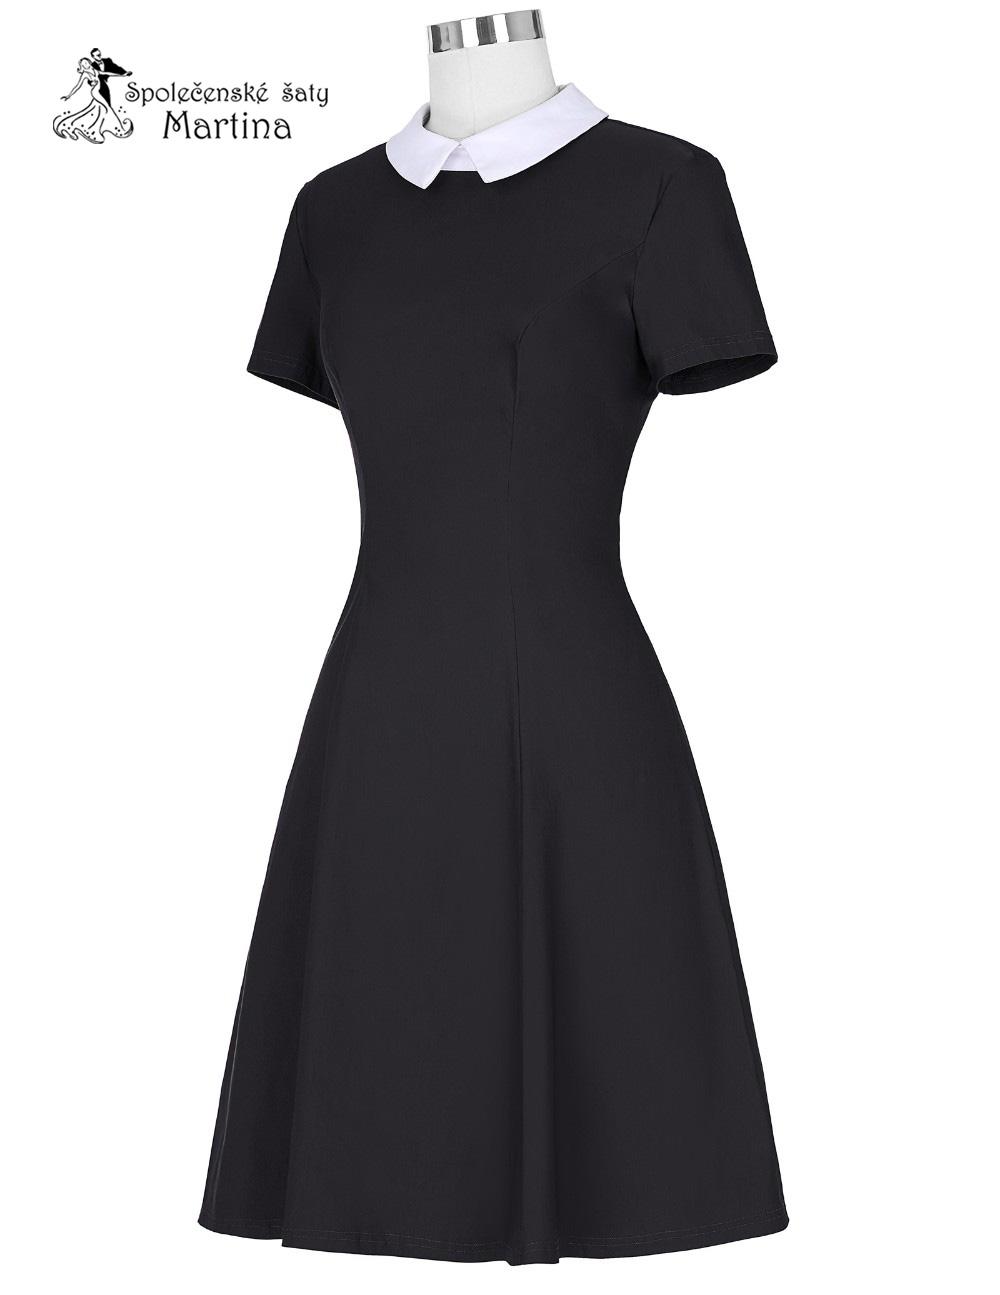 Spoločenské šaty - Koktejlové šaty - Koktejlky - Obrázok č. 3